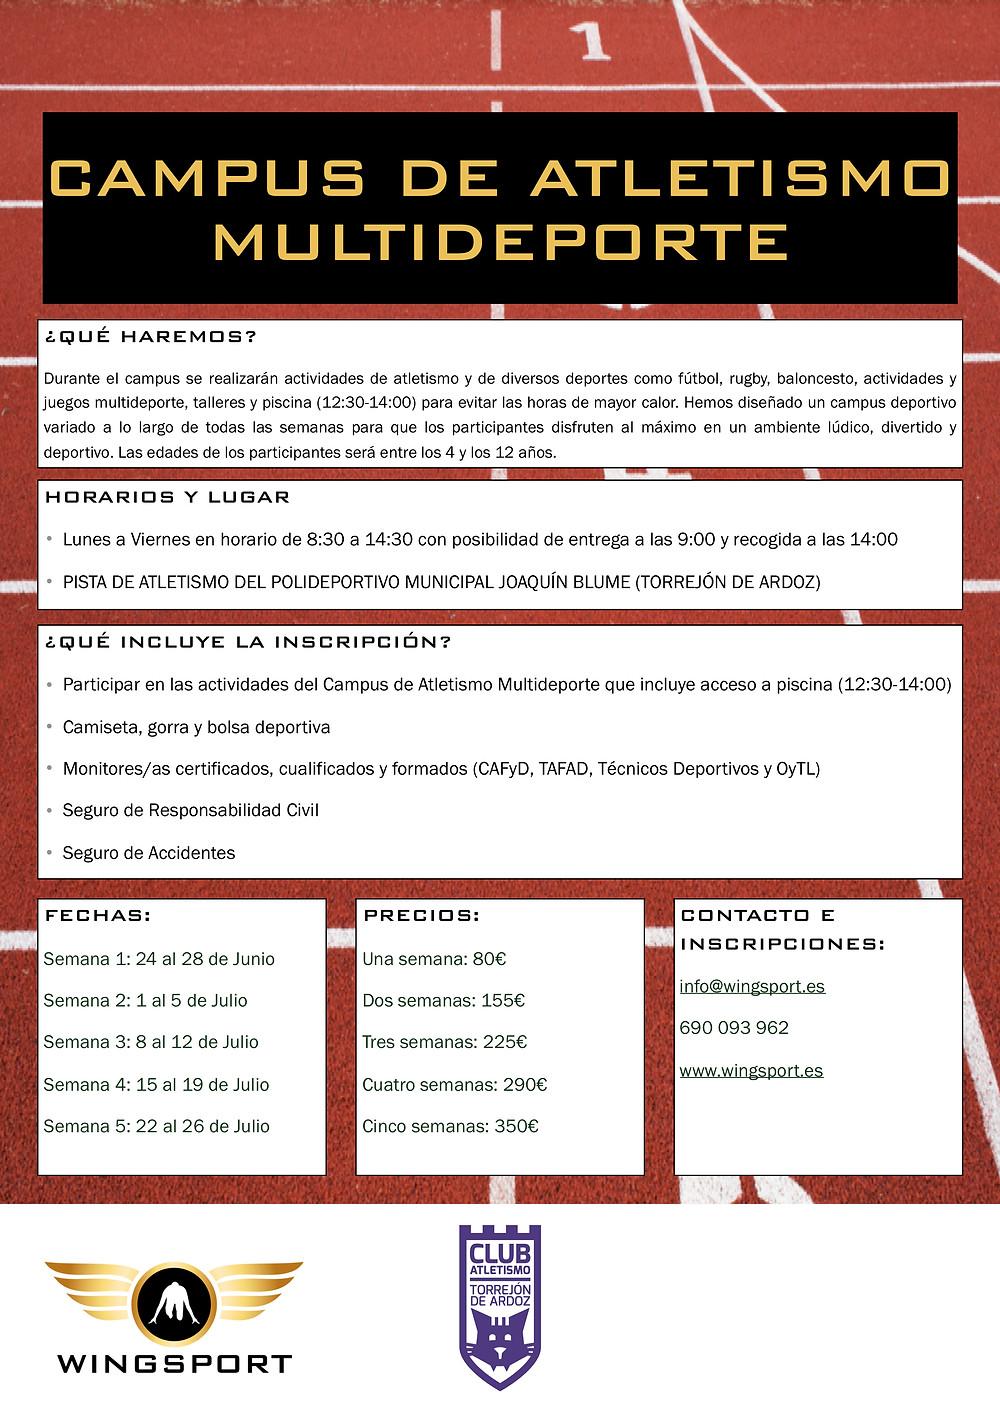 Campus de verano de atletismo multideporte en Torrejón de Ardoz